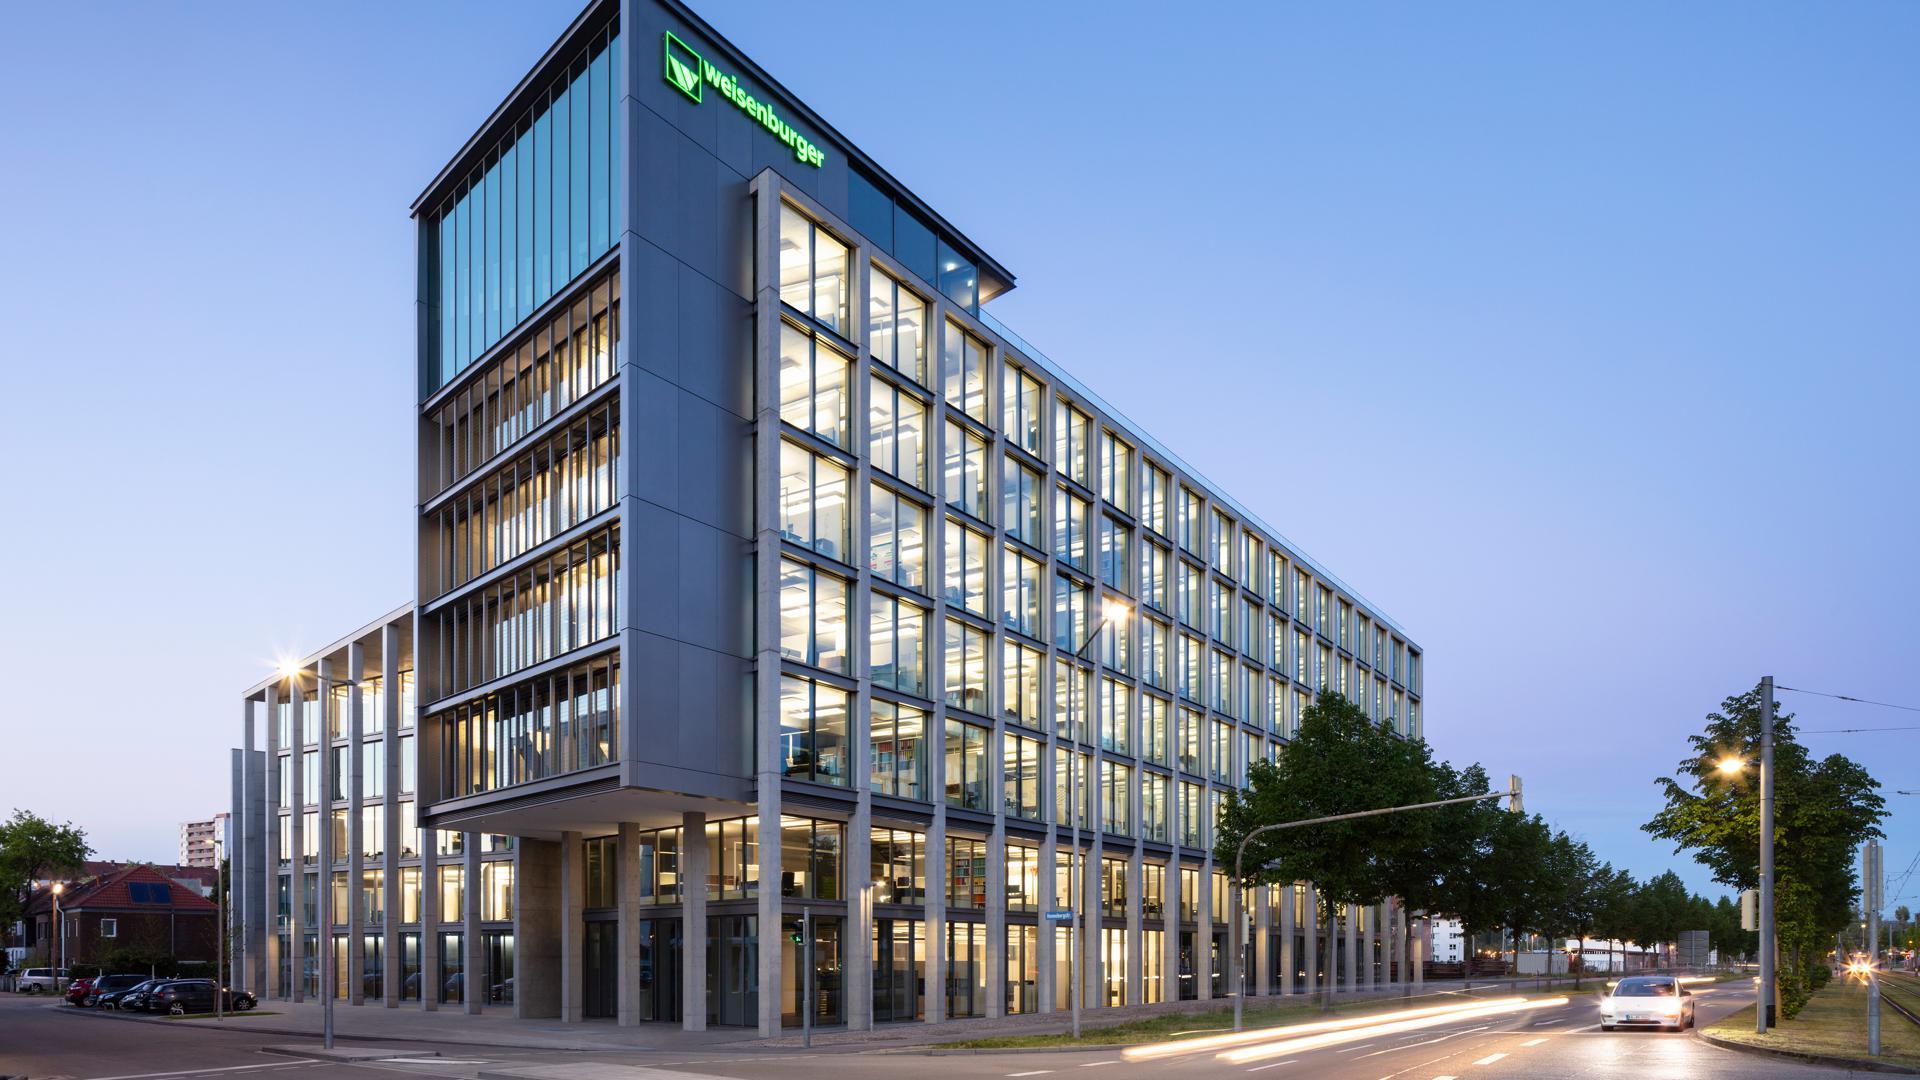 Gestalterisches Juwel: Nach Plänen des japanischen Star-Architekten Tadao Ando entstand die neue Zentrale der Unternehmensgruppe Weisenburger.